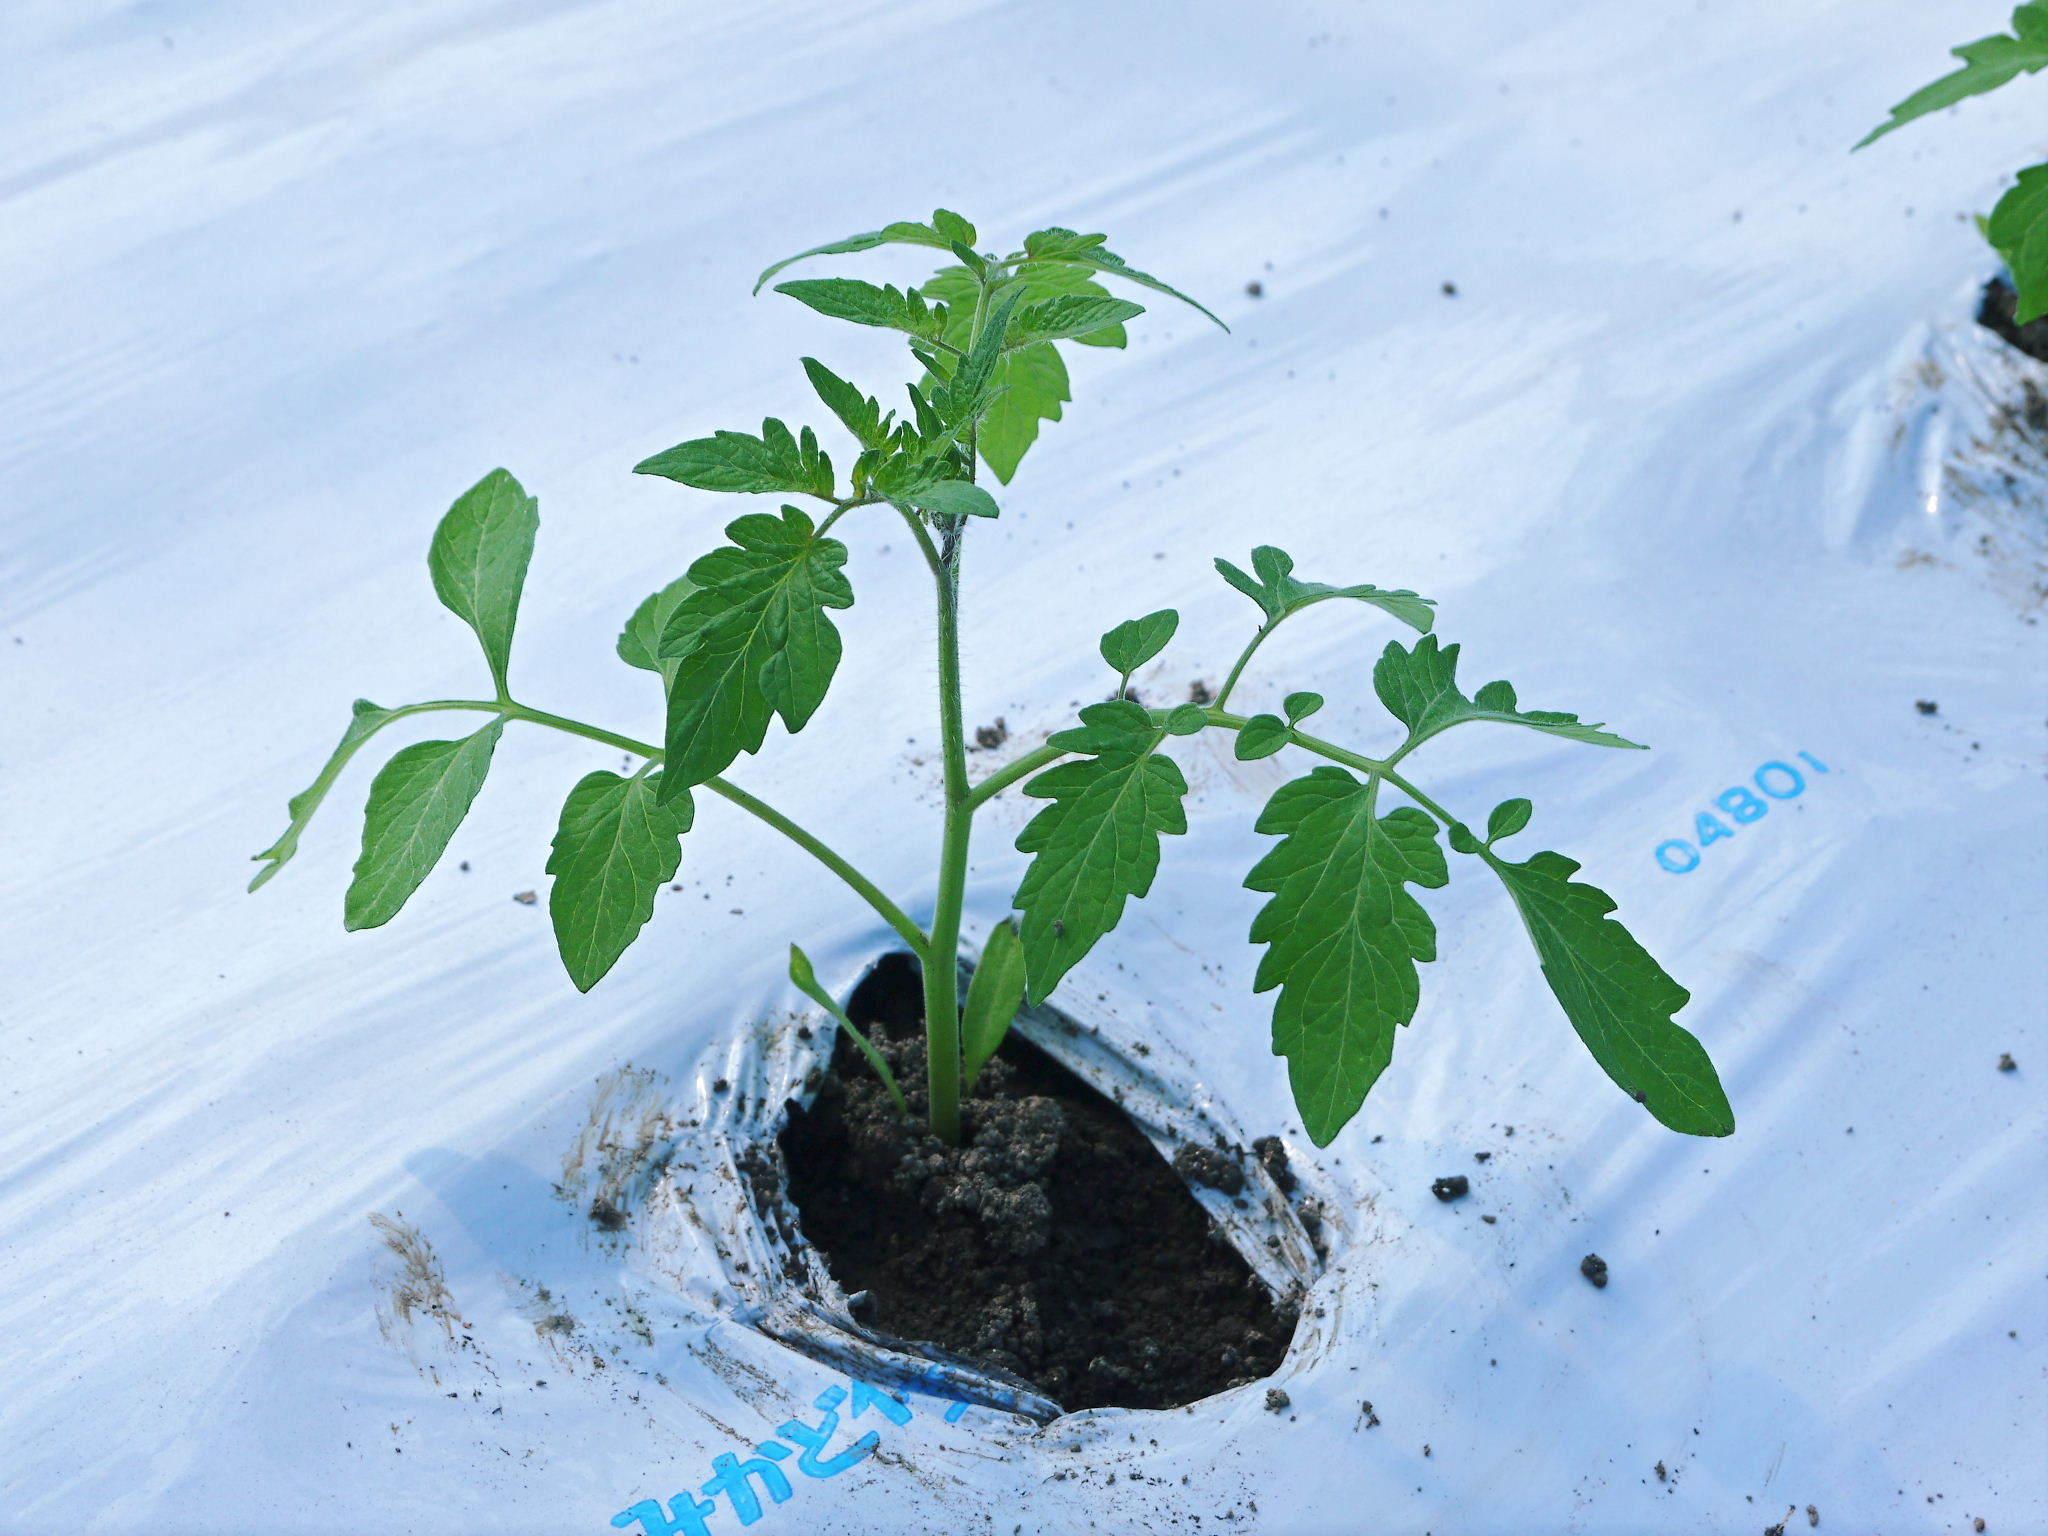 樹上完熟の朝採りトマト 元気に育成長中!そして、新品種のトマトを定植したとのこと!さっそく現地取材! _a0254656_17395653.jpg